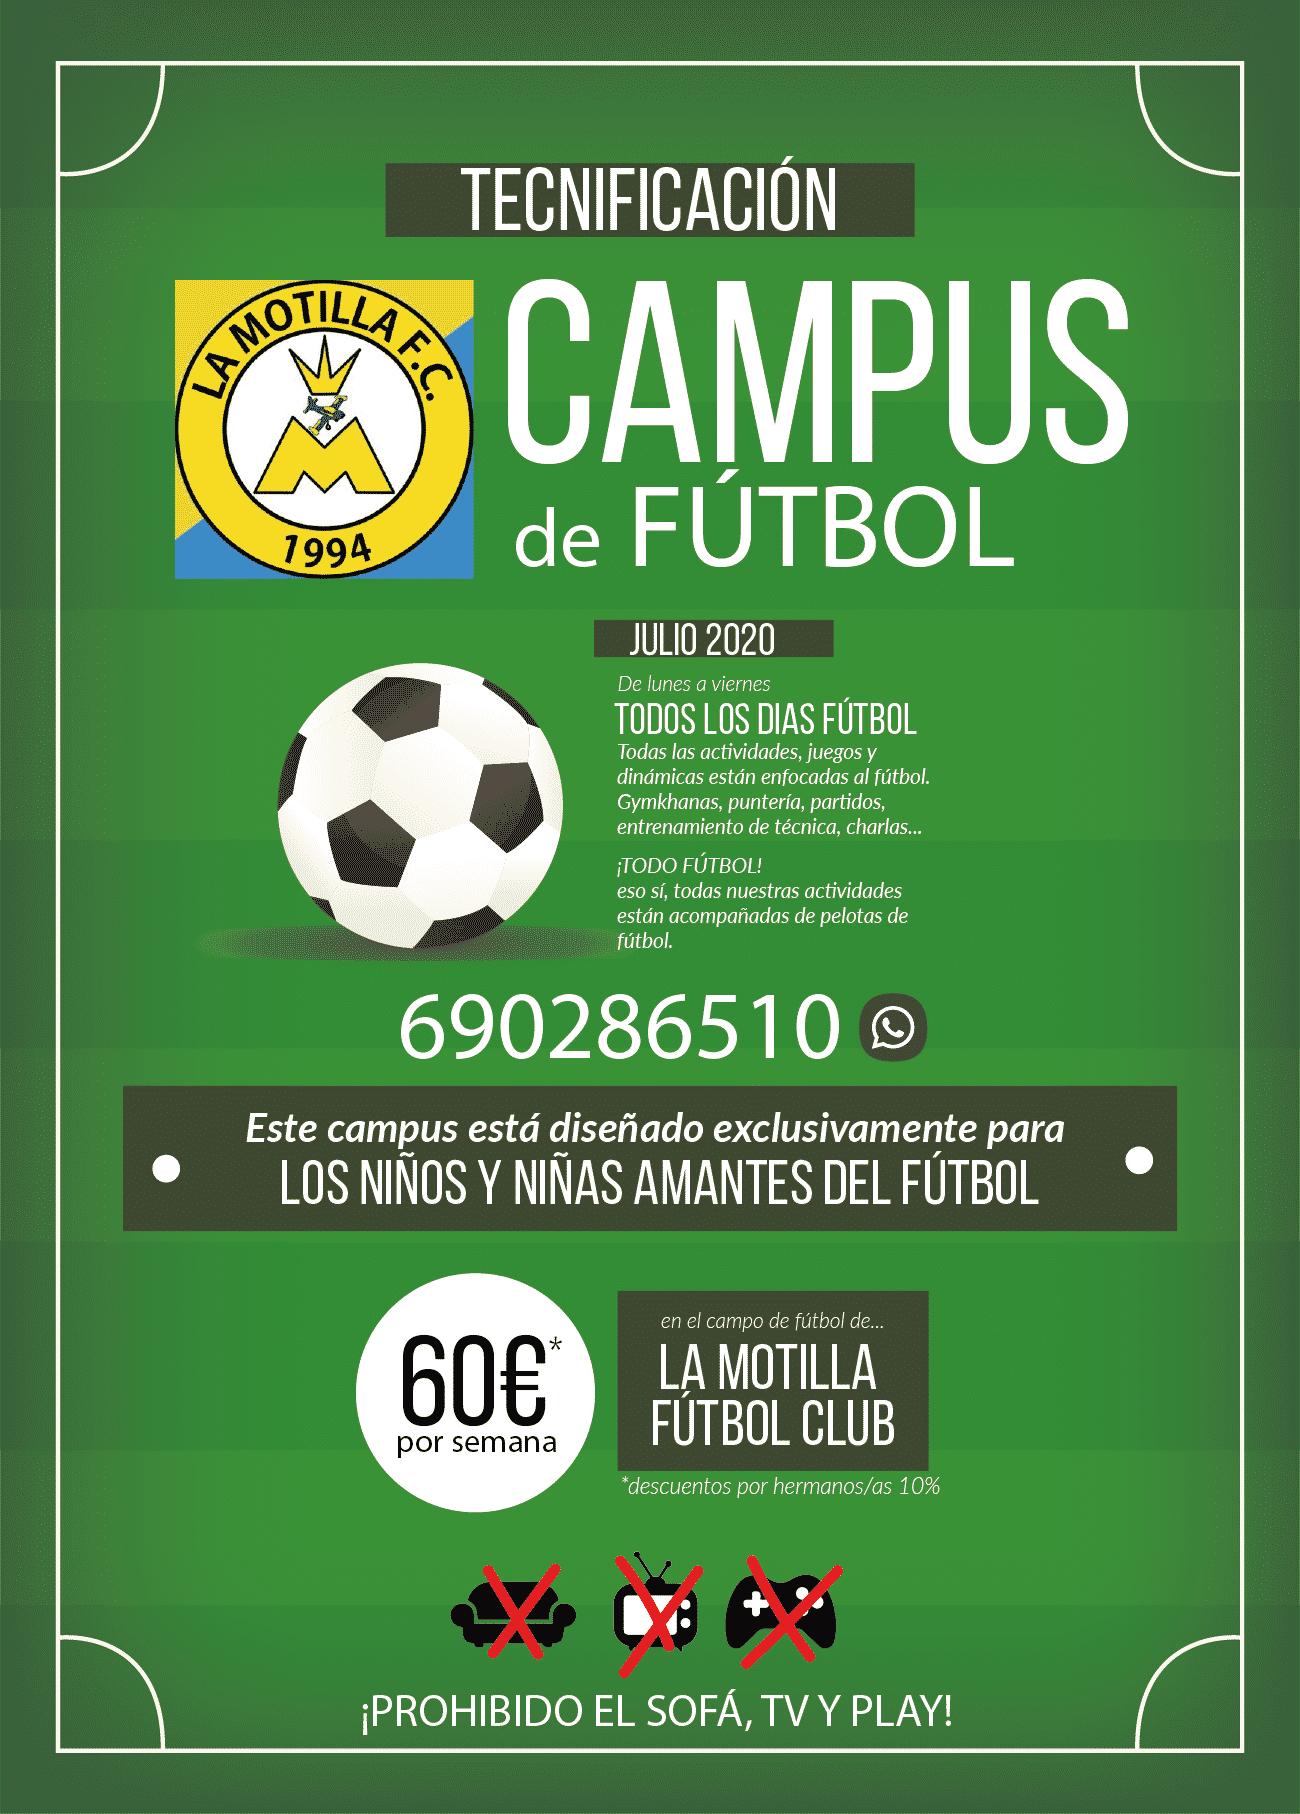 Campus de Fútbol en Dos Hermanas Tecnificación